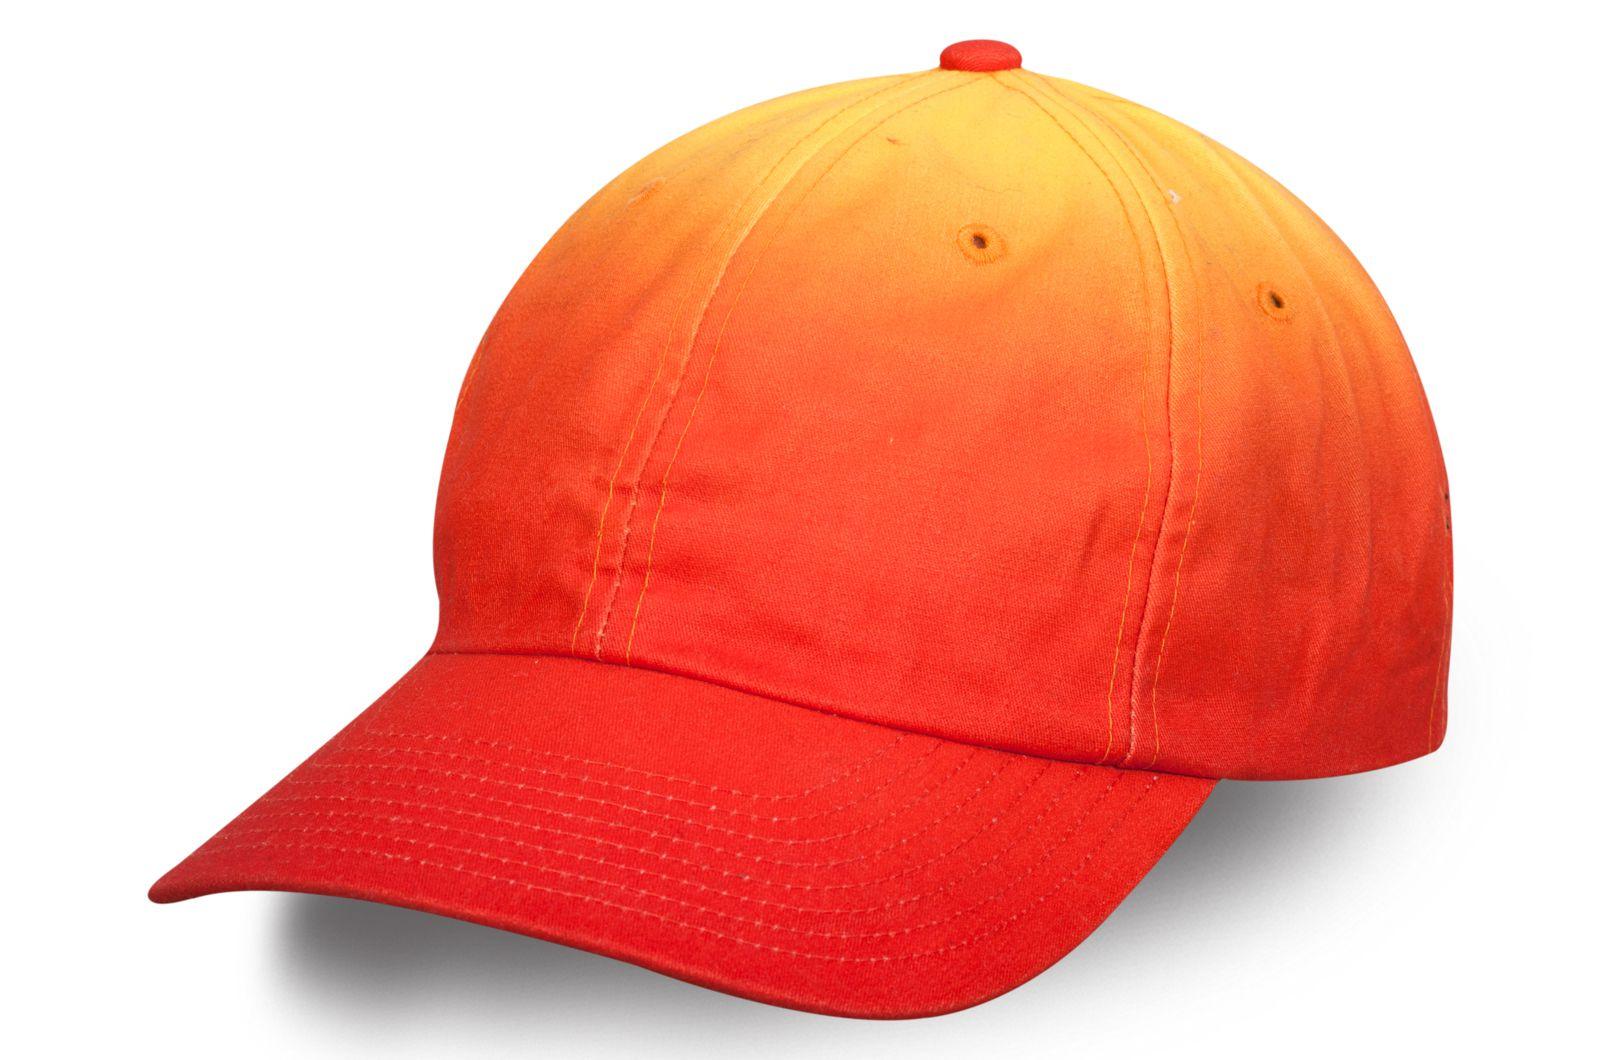 Стильная бейсболка цвета оранжевый деграде